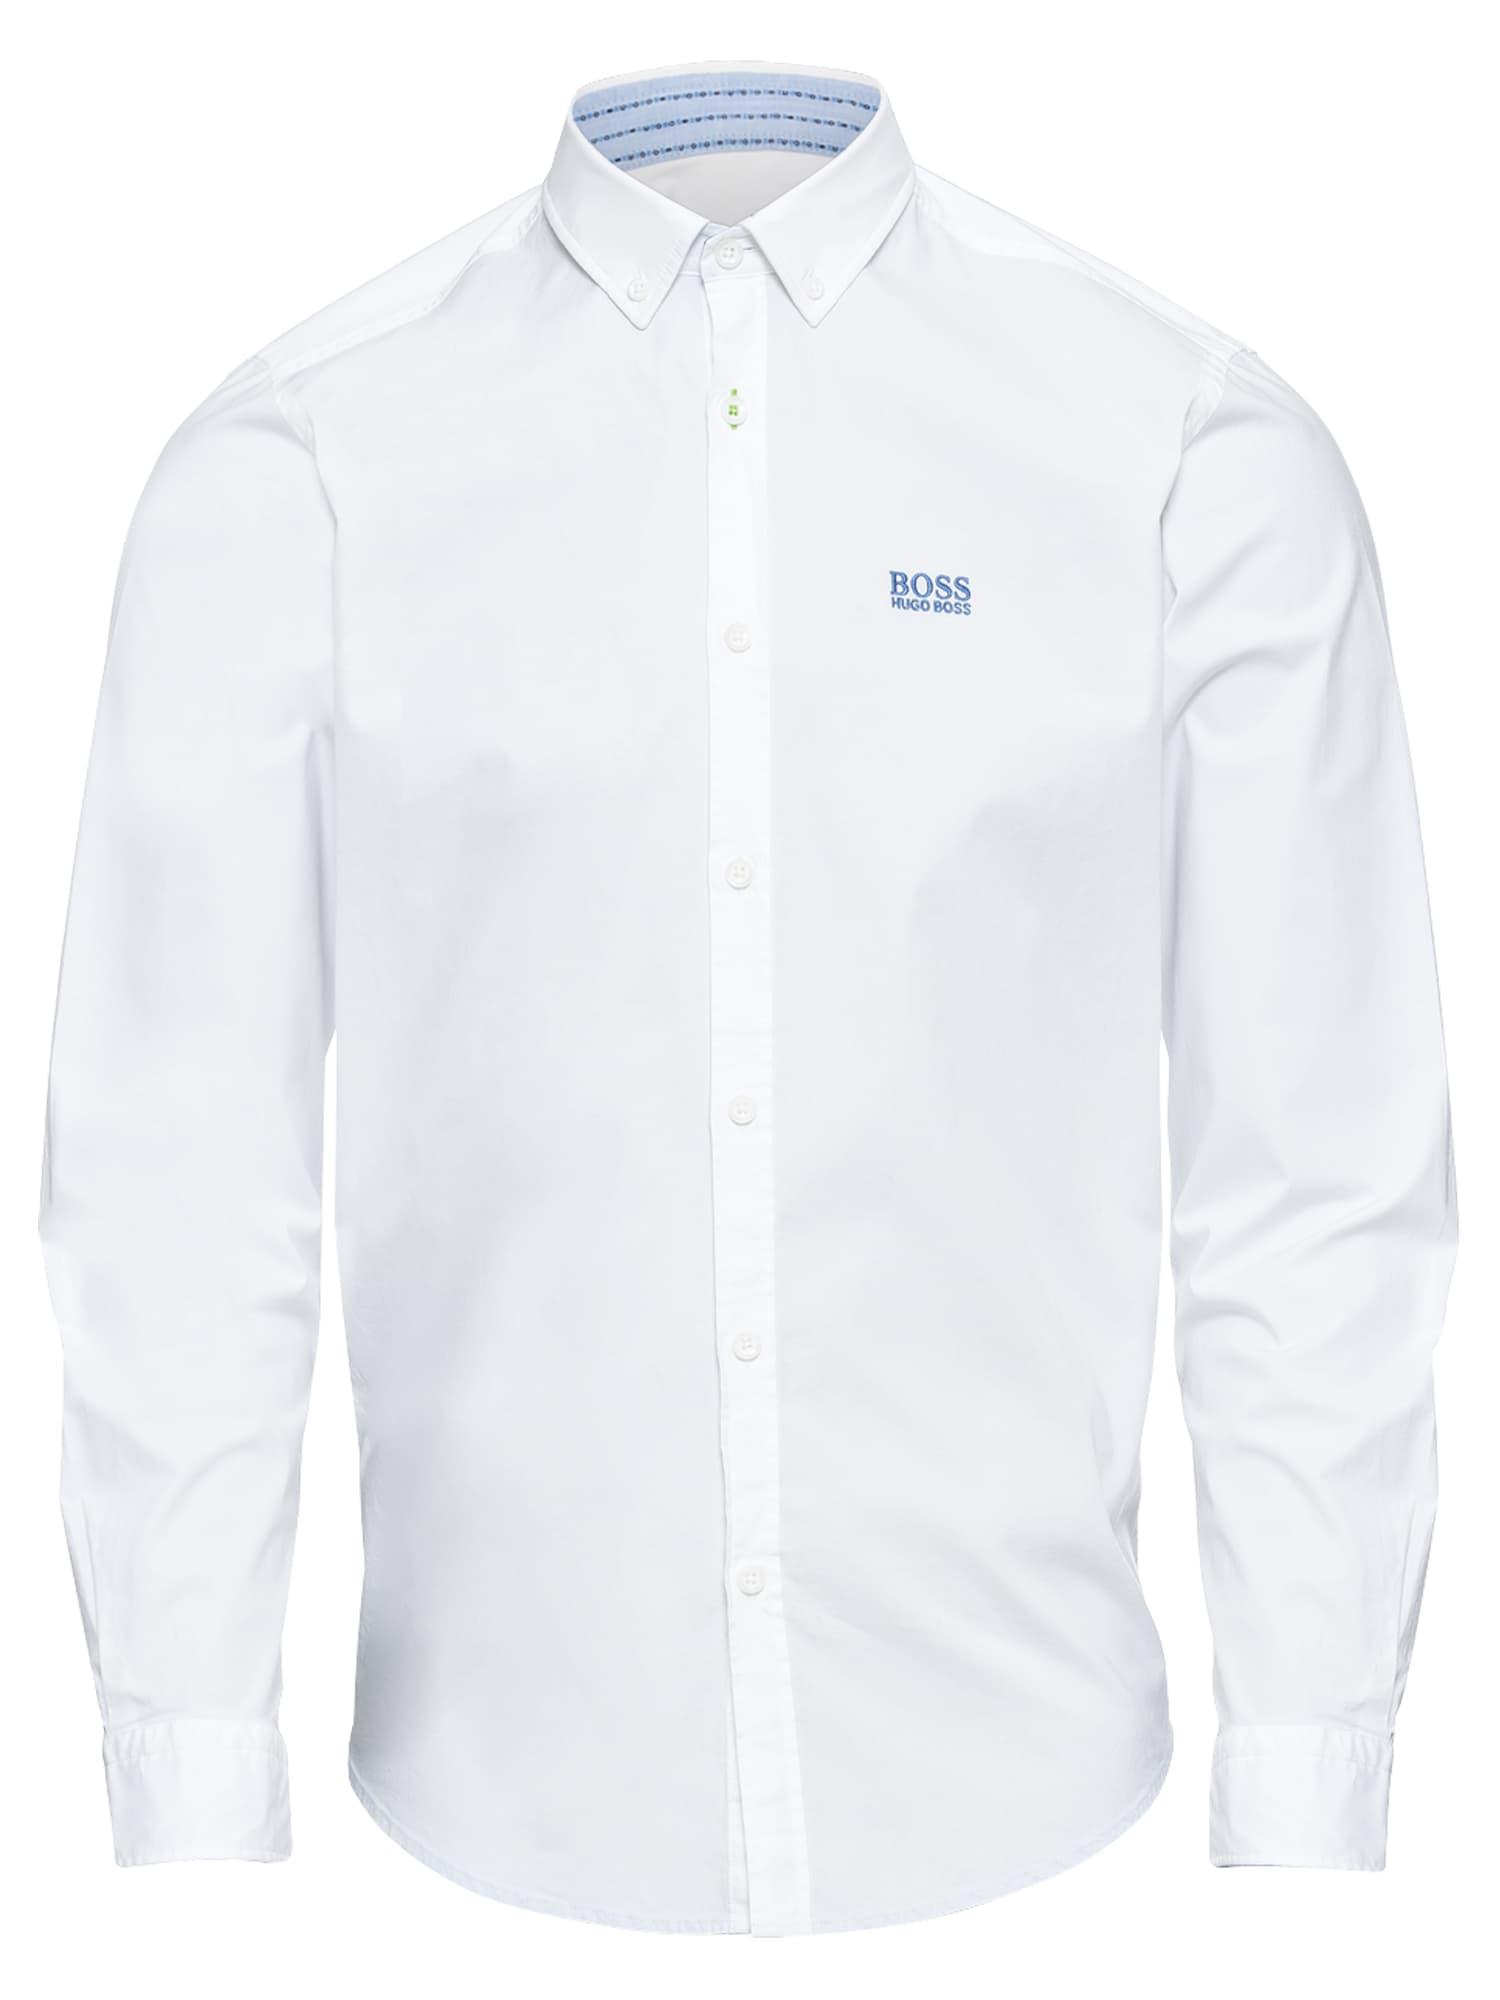 Společenská košile BIADO_R 10205714 02 bílá BOSS